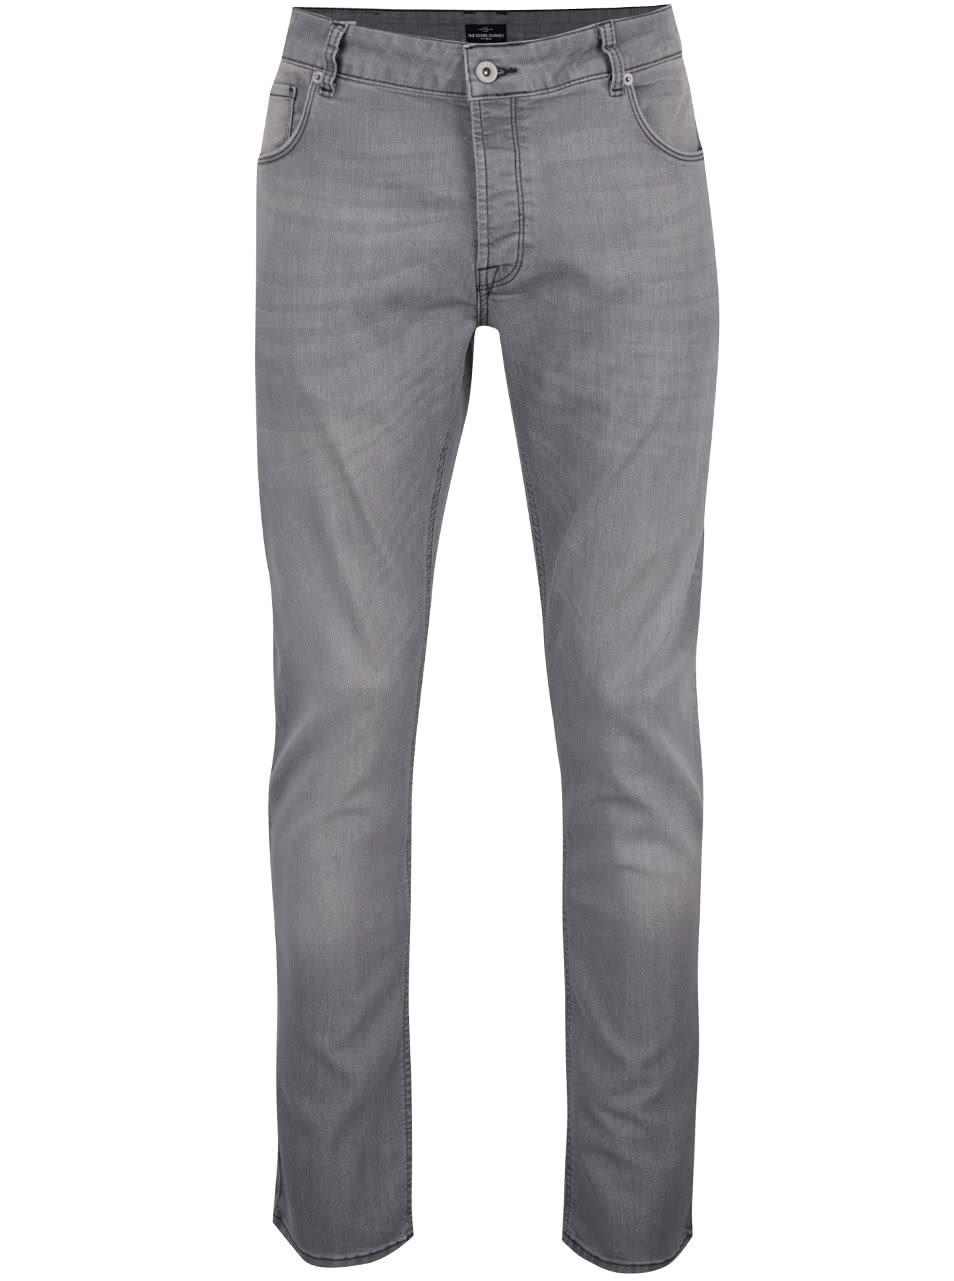 Šedé slim fit džíny !Solid Joy